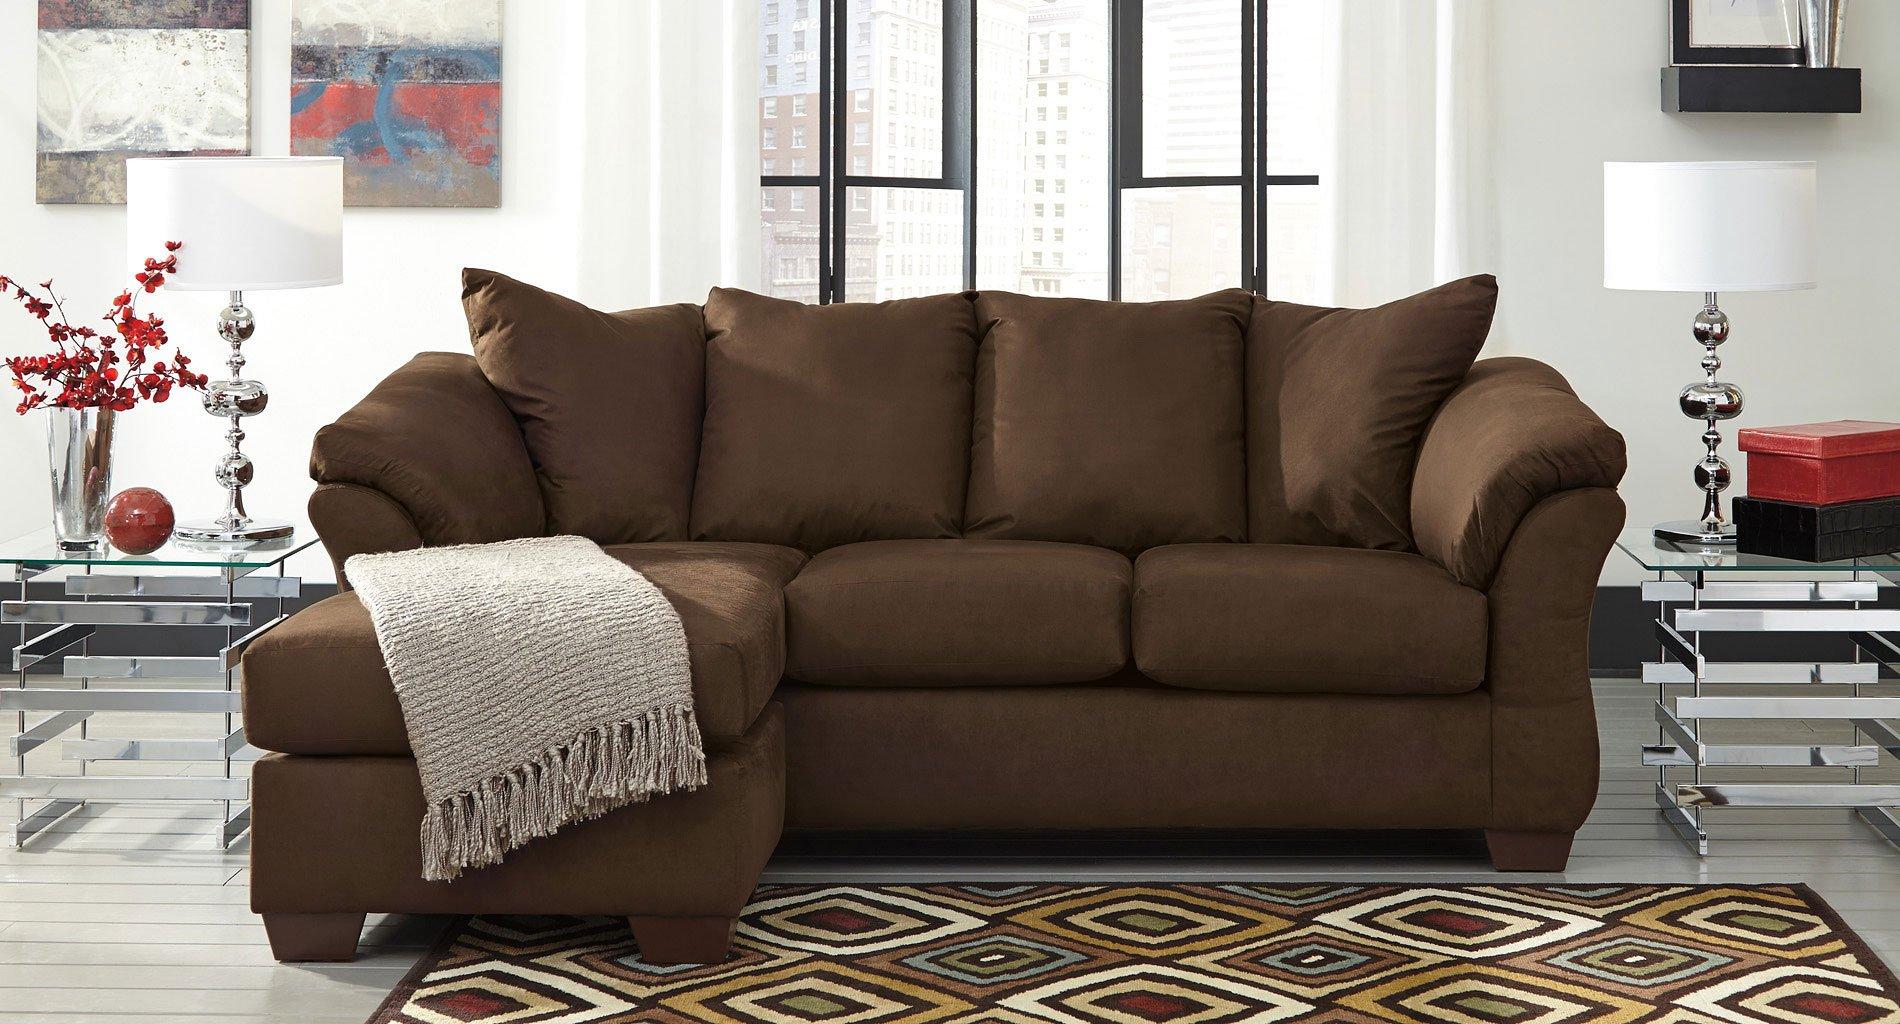 Darcy Cafe Sofa Chaise Set Signature Design 1 Reviews